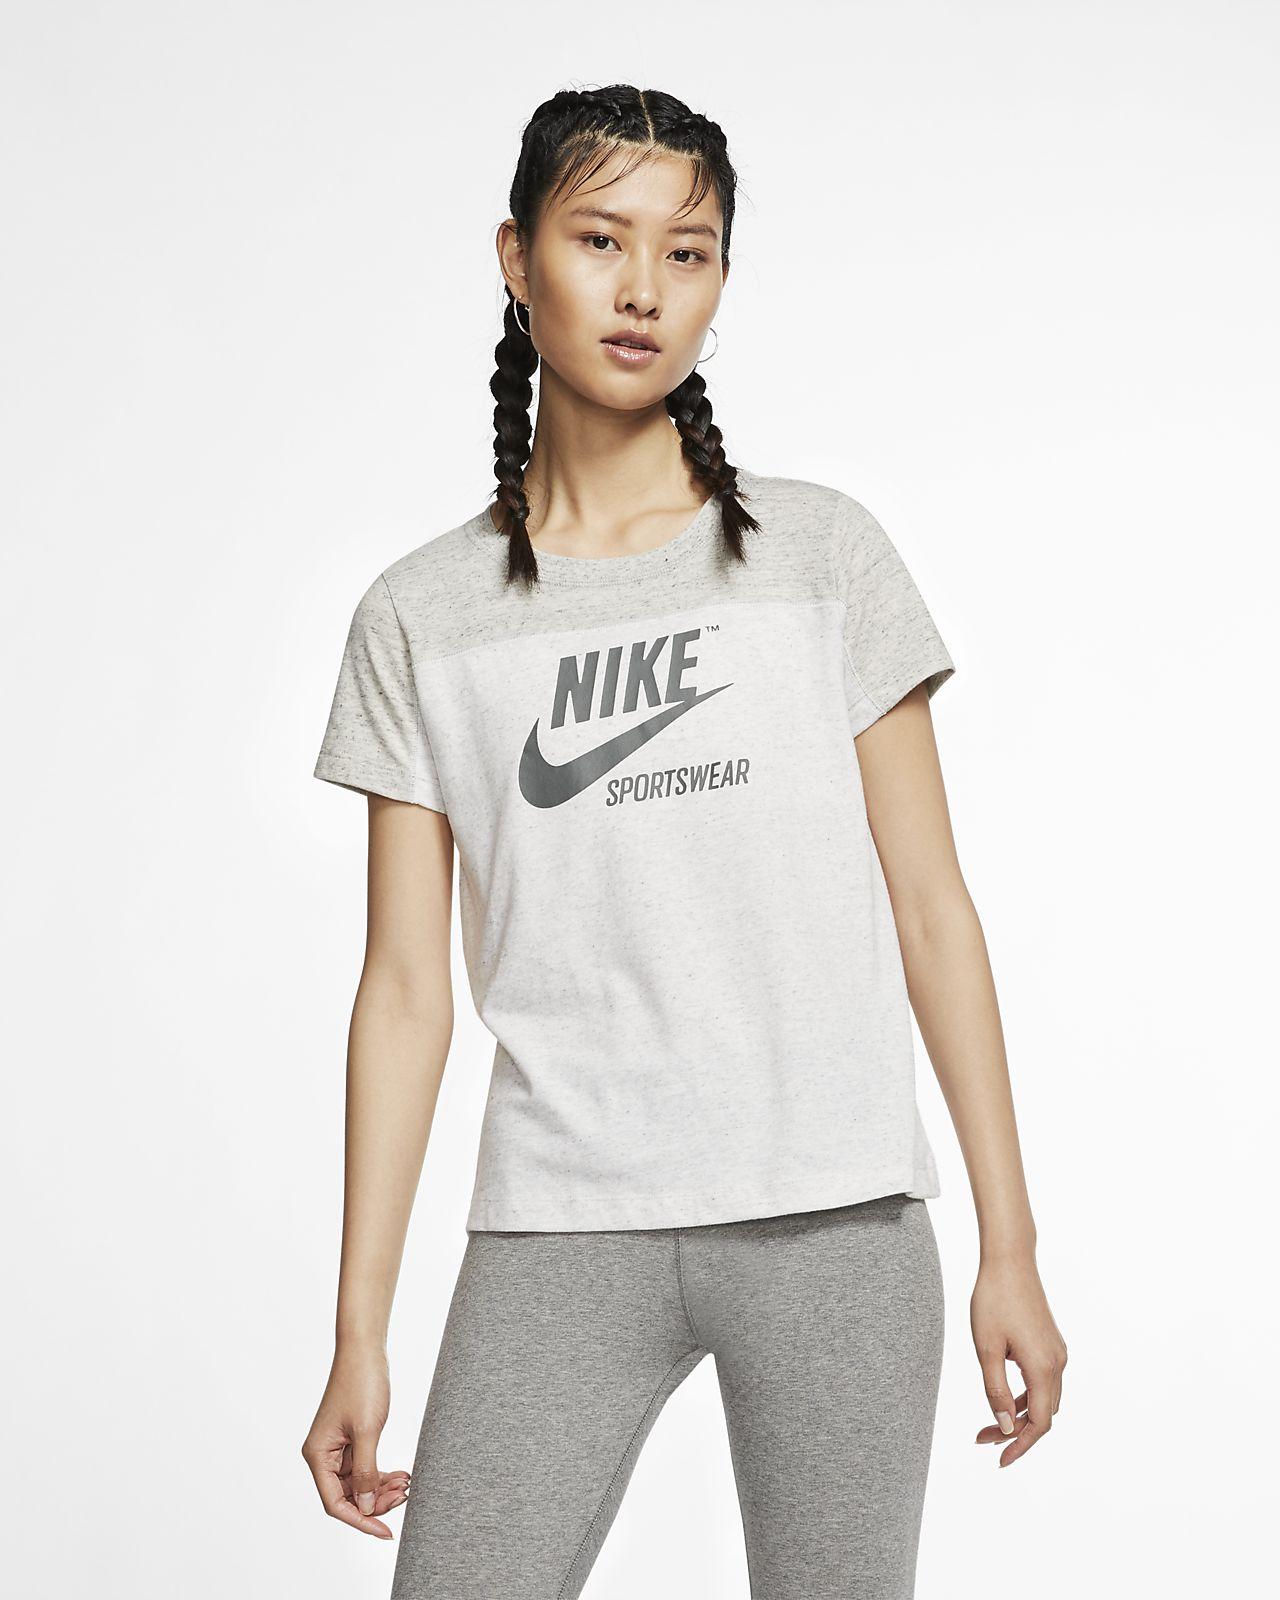 Nike Sportswear Vintage Women's Short-Sleeve Top